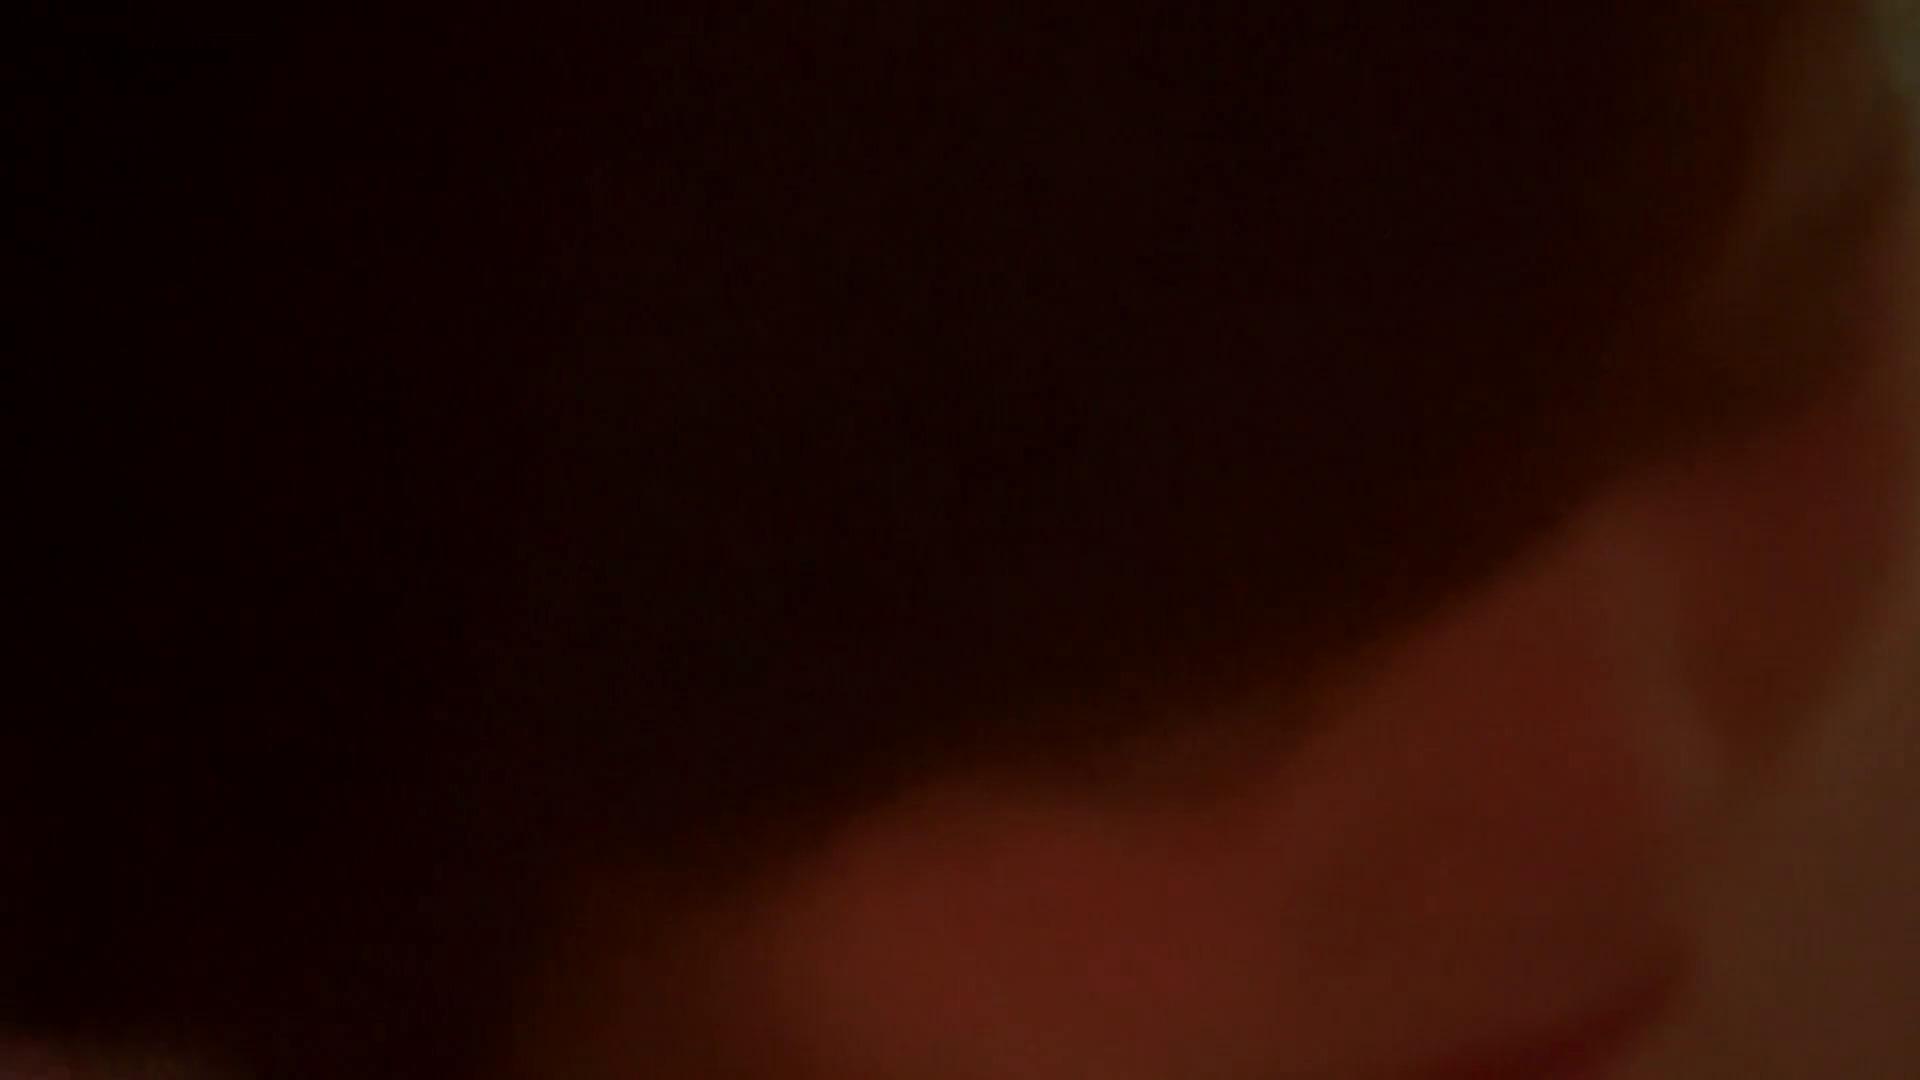 *華の女子寮ノゾキ*vol.05 絶対【処女】のパイパン娘 女子寮潜入 | 入浴シーン  29連発 2